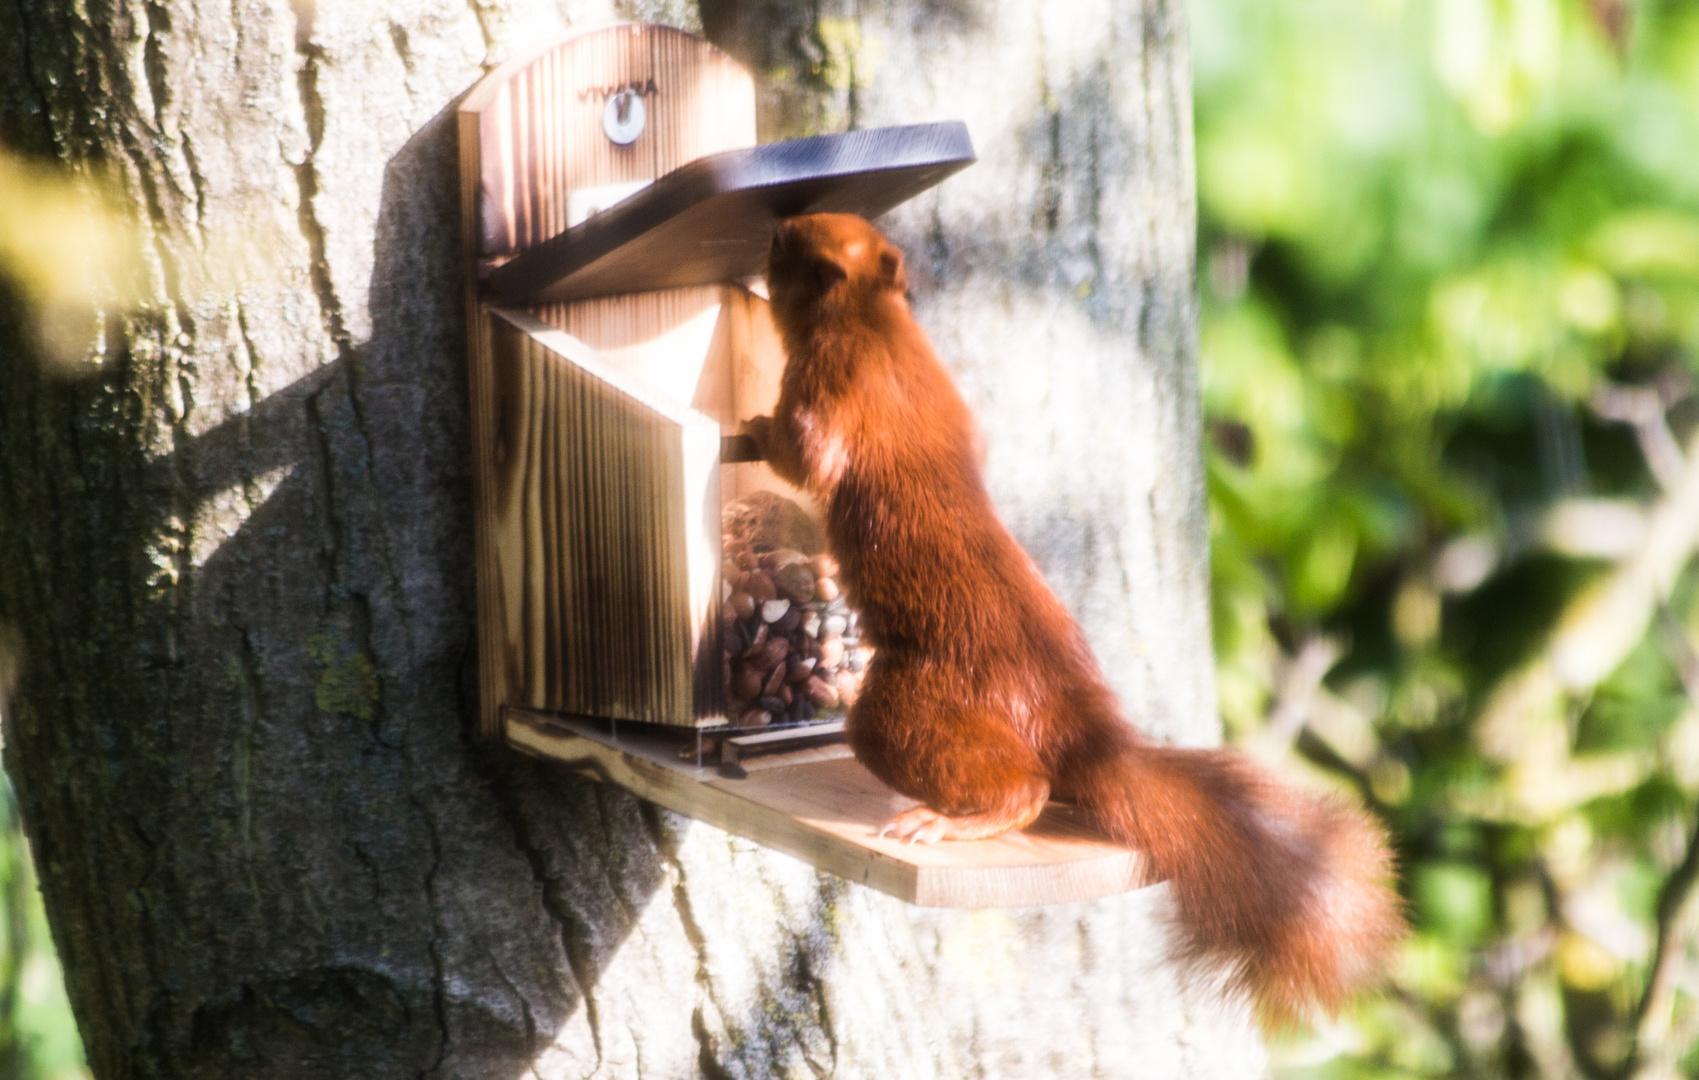 eichh rnchen am futterkasten foto bild tiere wildlife wildlife sonstige tiere bilder auf. Black Bedroom Furniture Sets. Home Design Ideas